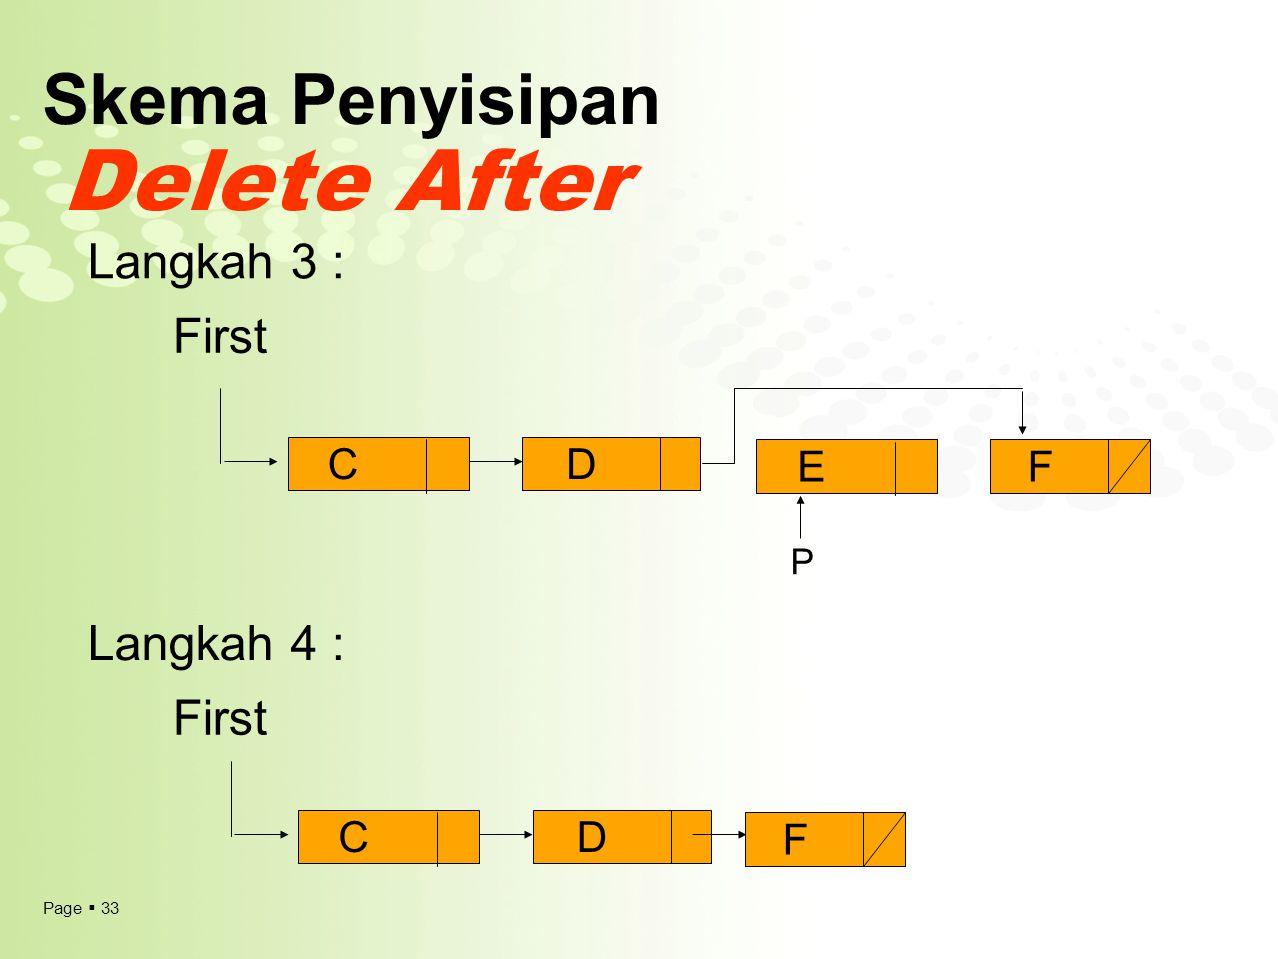 Page  33 Skema Penyisipan Delete After First Langkah 3 : Langkah 4 : CD EF CD F P